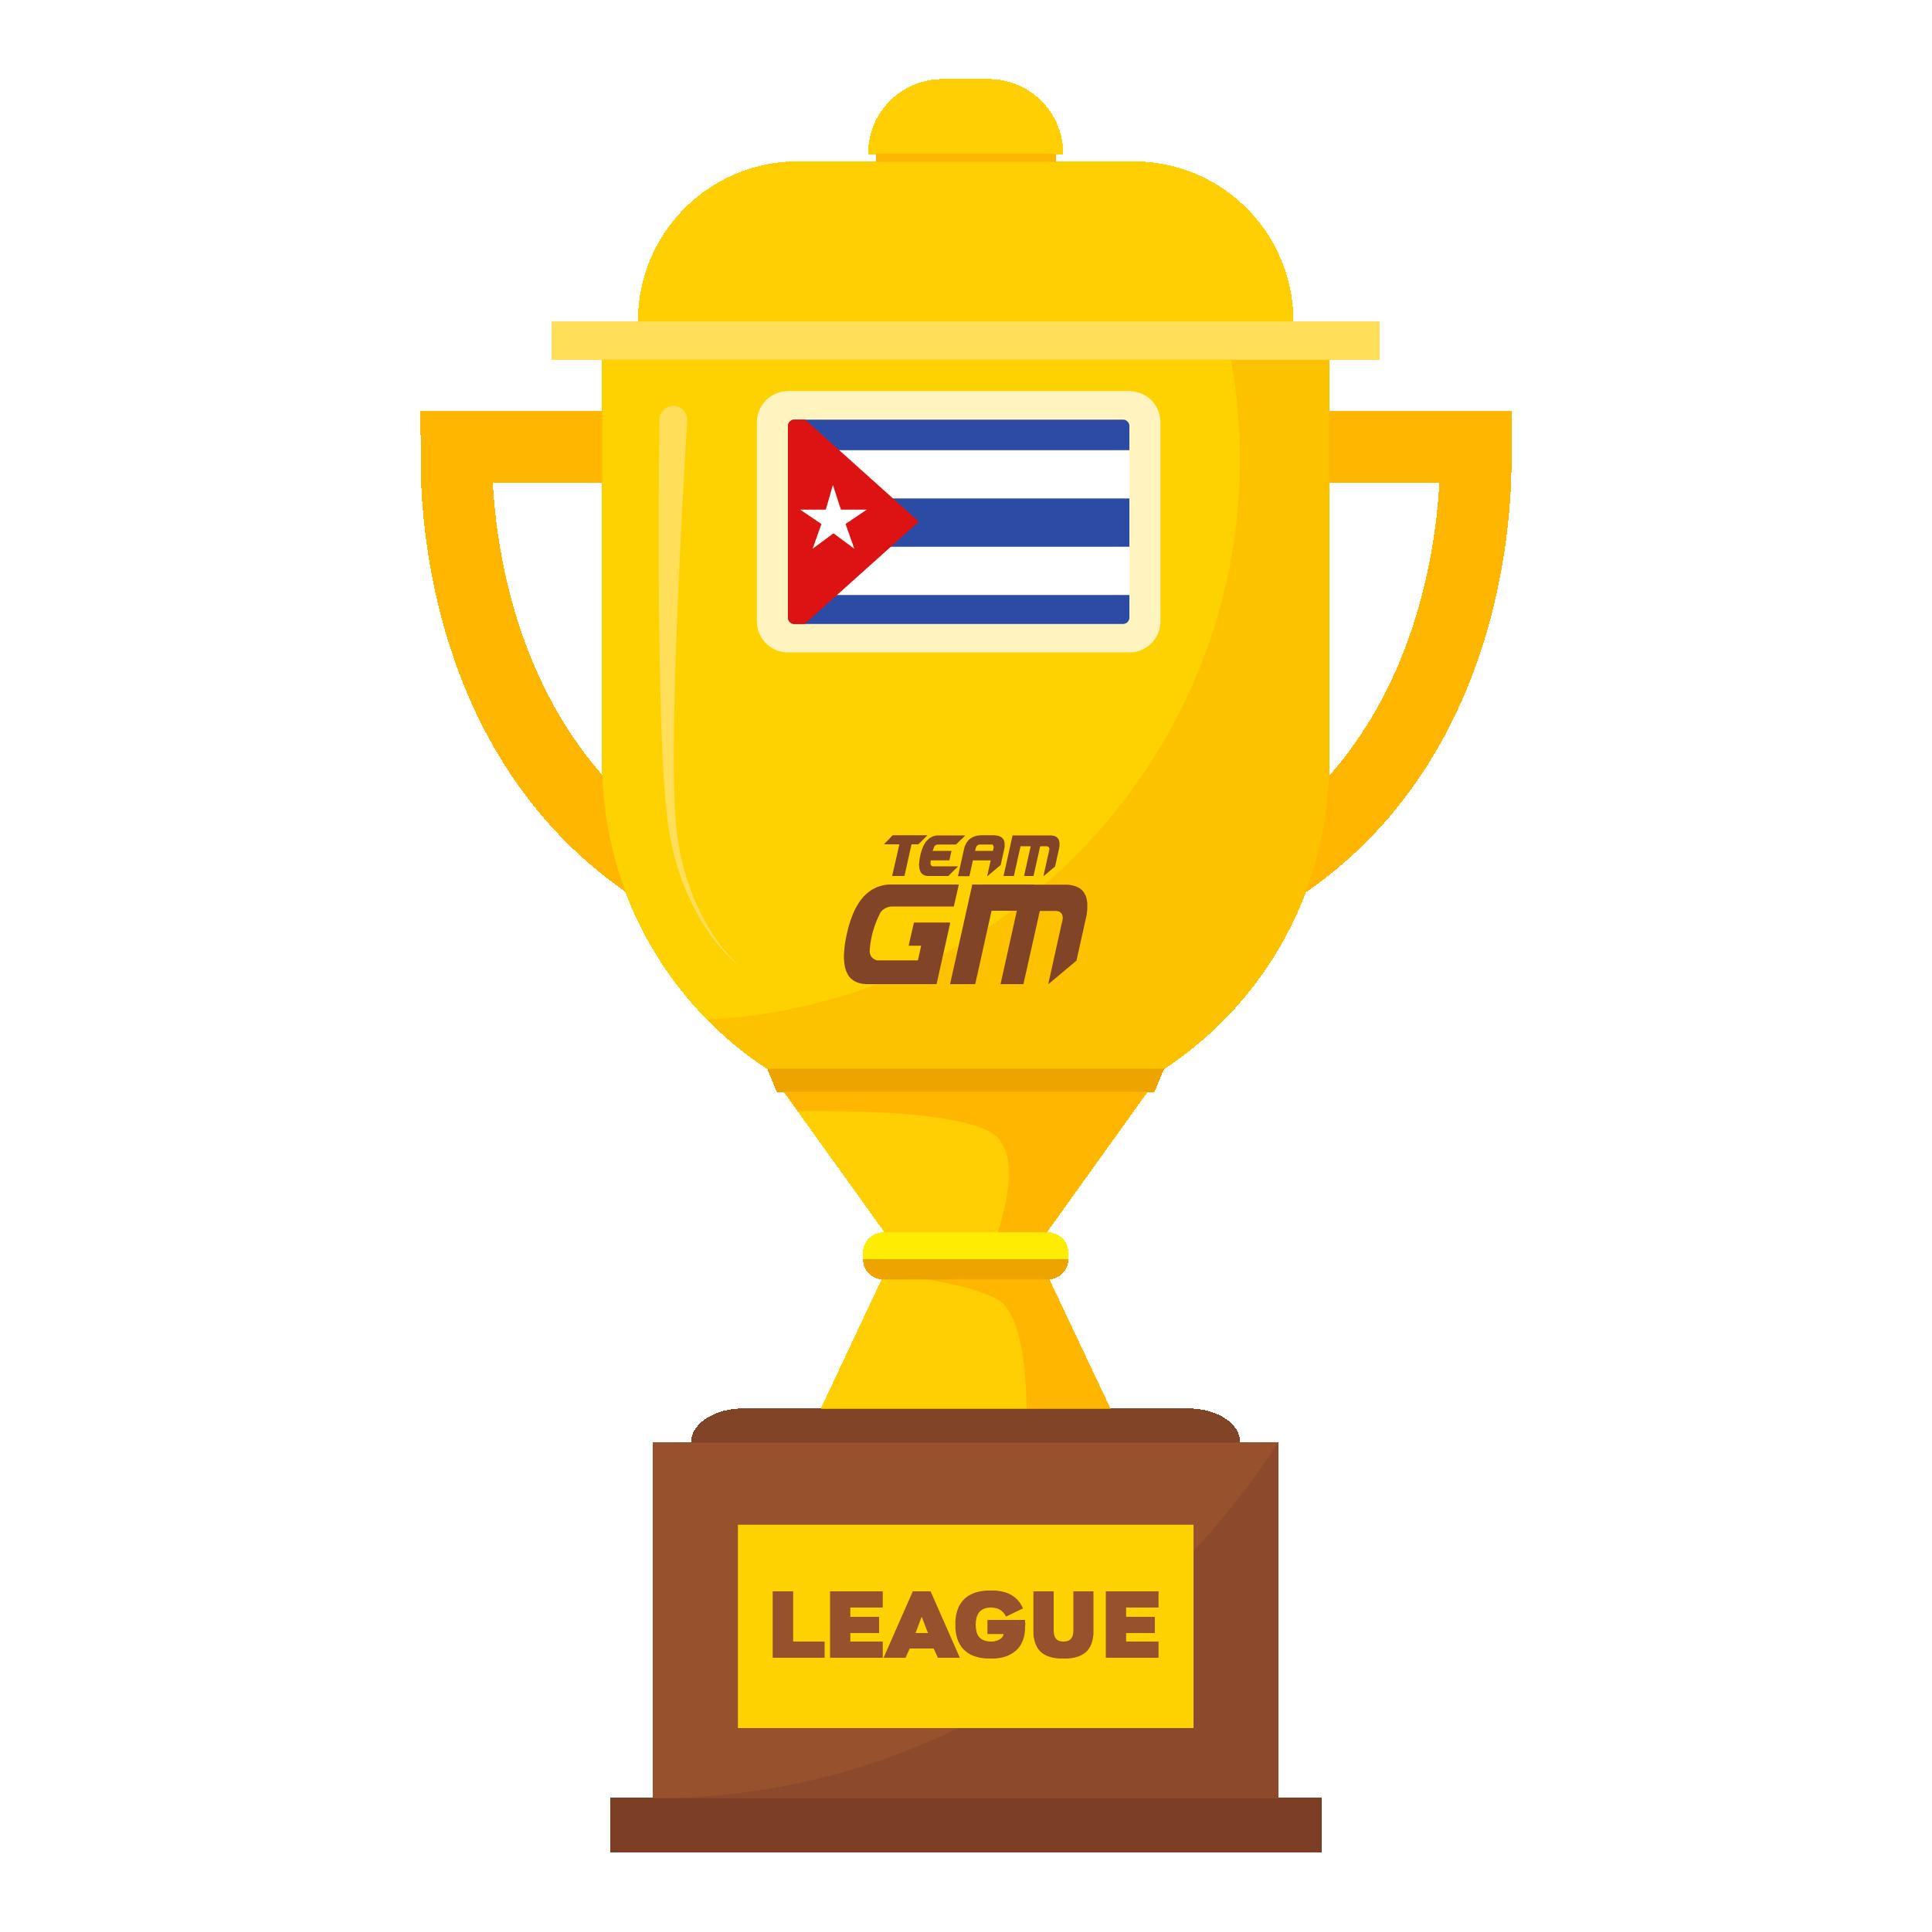 1ST - CUBAN LEAGUE